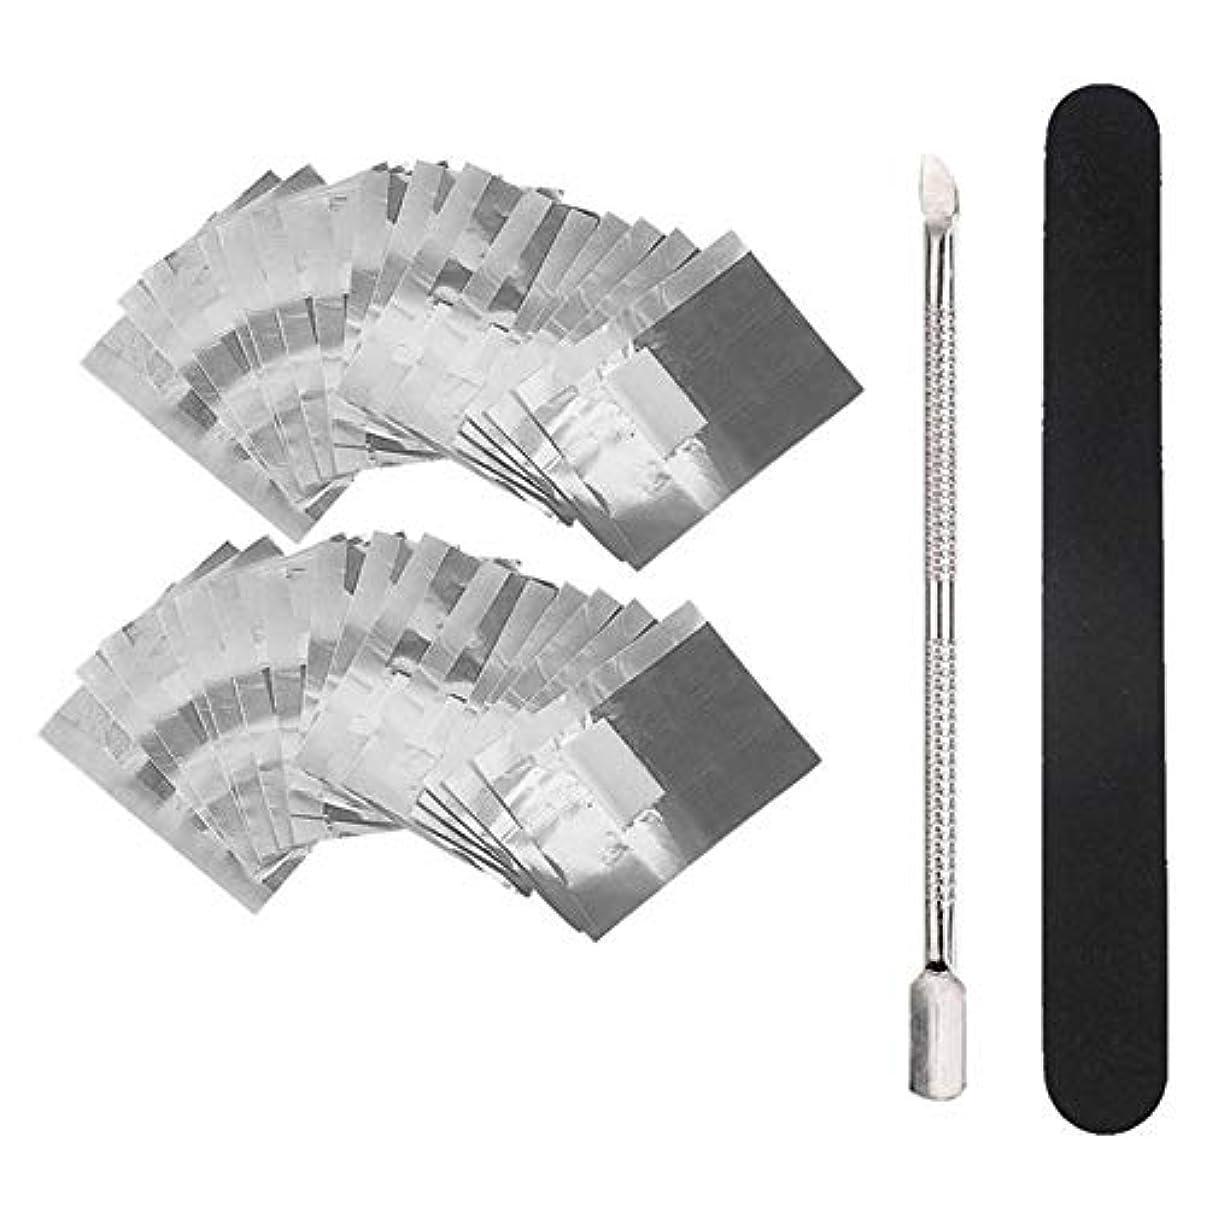 回路名詞息を切らしてネイル甘皮プッシャー 爪やすり ネイルリムーバーラップパッド 使いやすい 初心者 ネイルケアツール